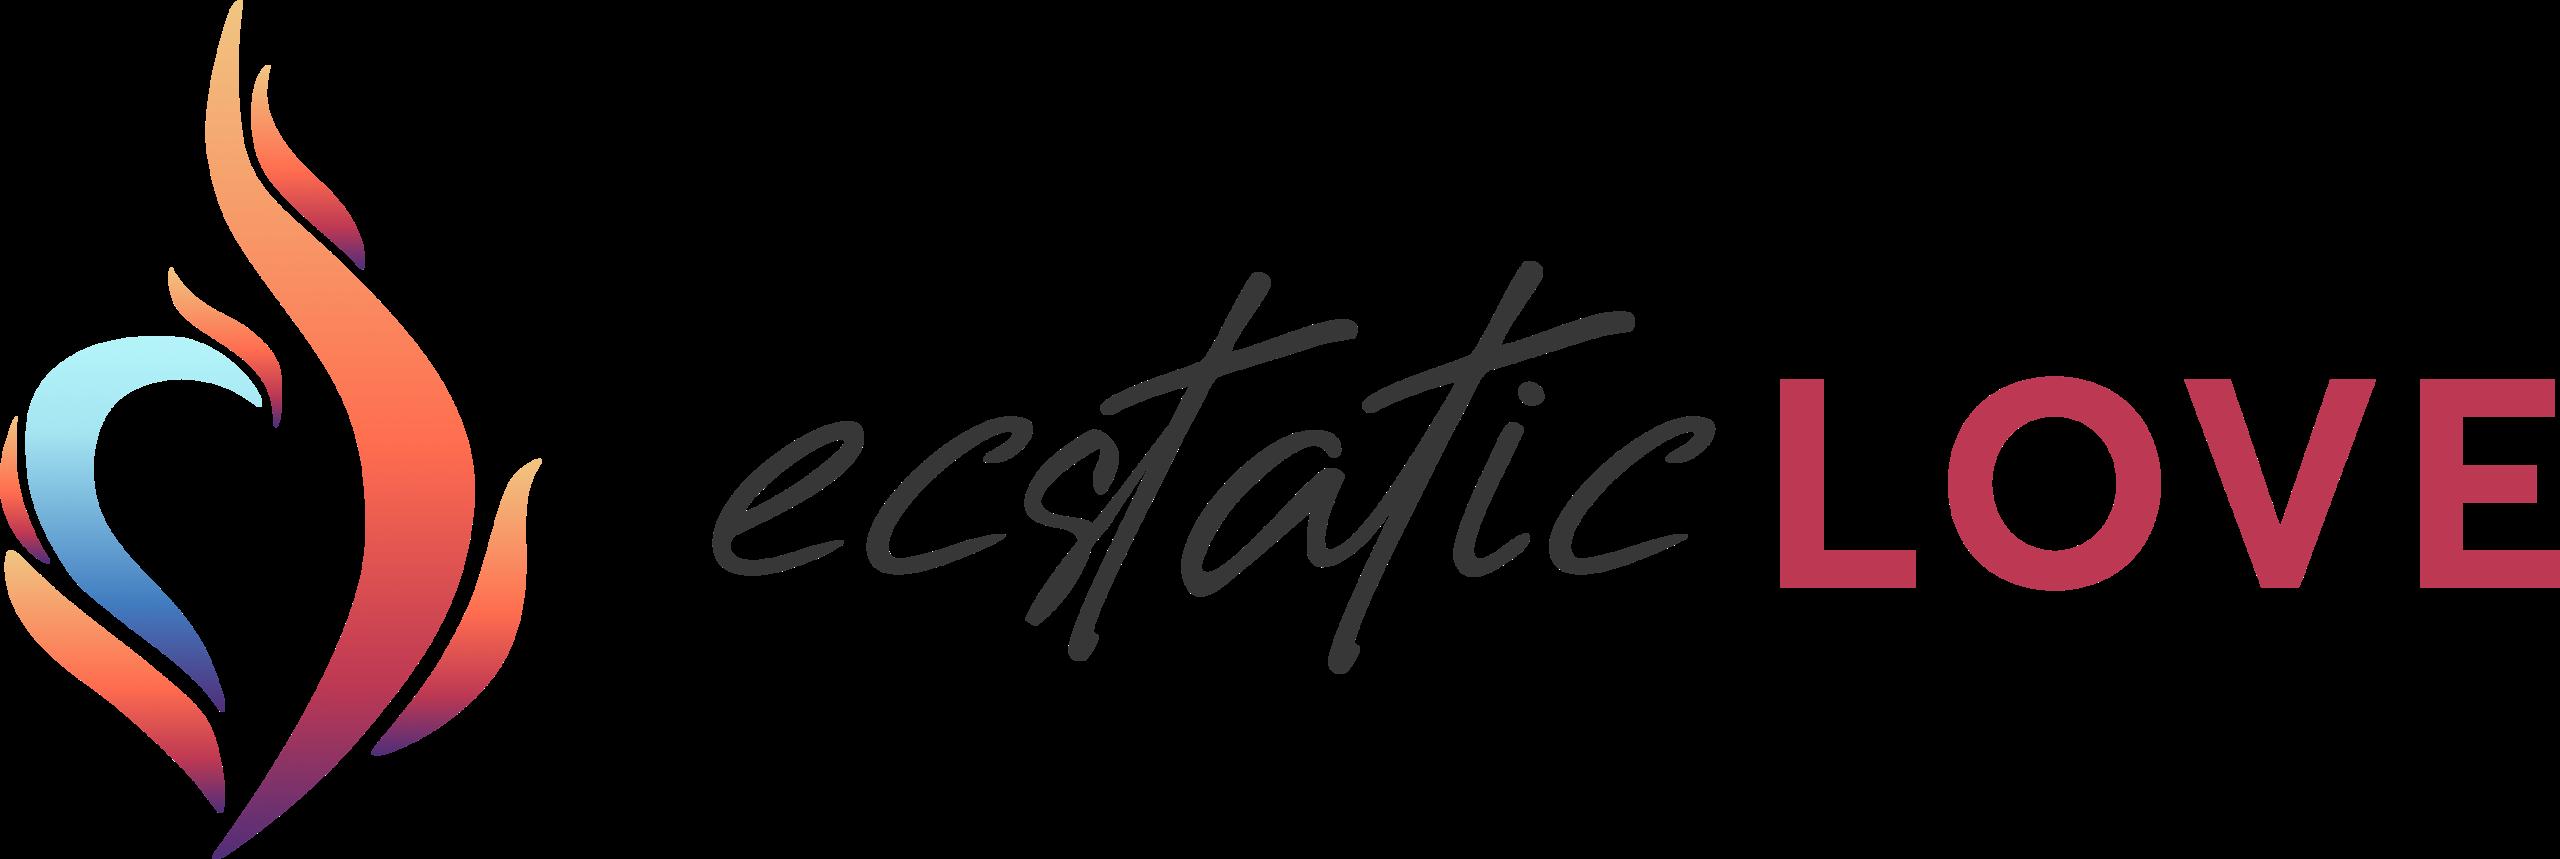 ECSTATIC LOVE